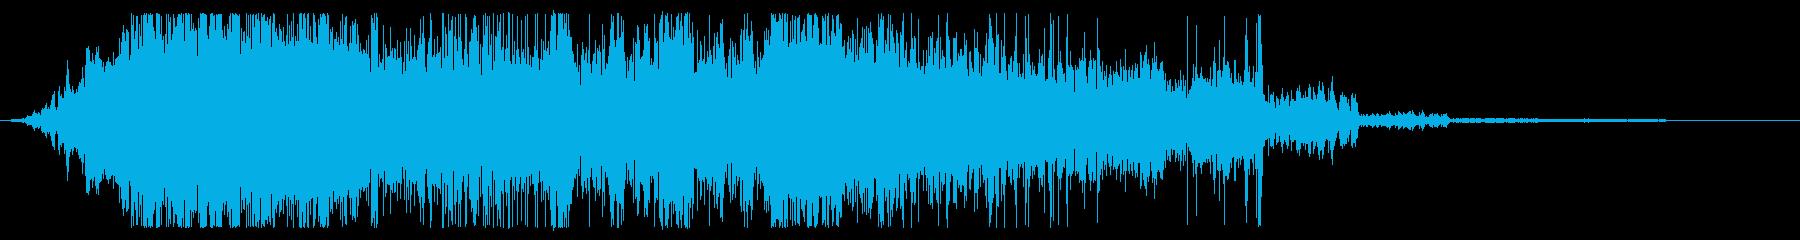 マテリアルムーブメント、ブレンダー...の再生済みの波形